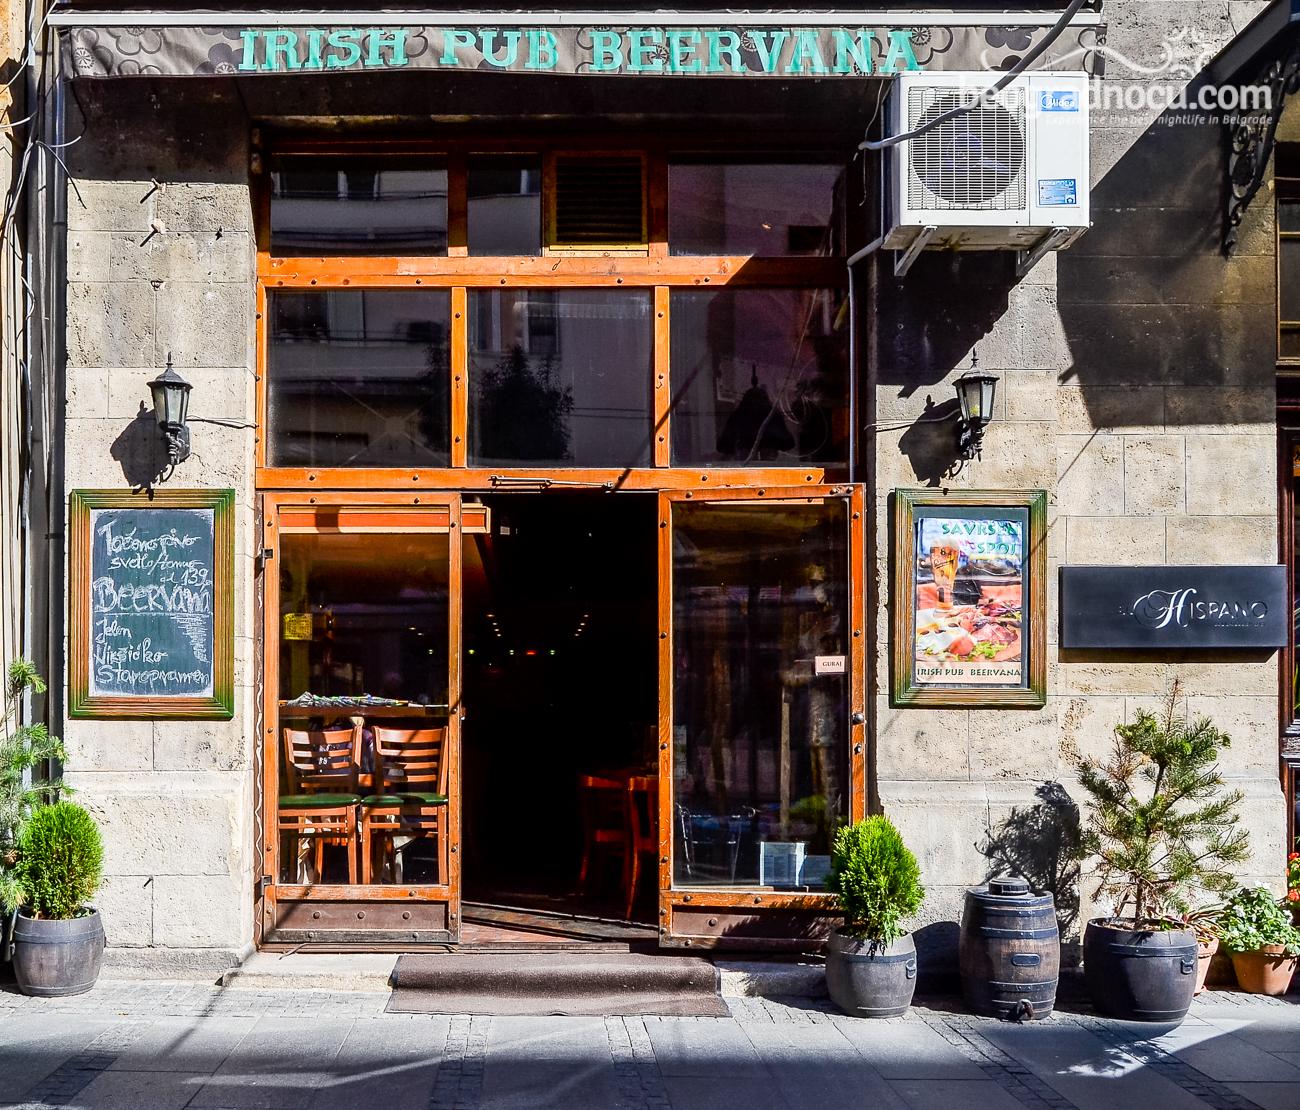 Kafe Irish Pub Beervana Rezervacije Na 063 33 33 44 Beograd Nocu